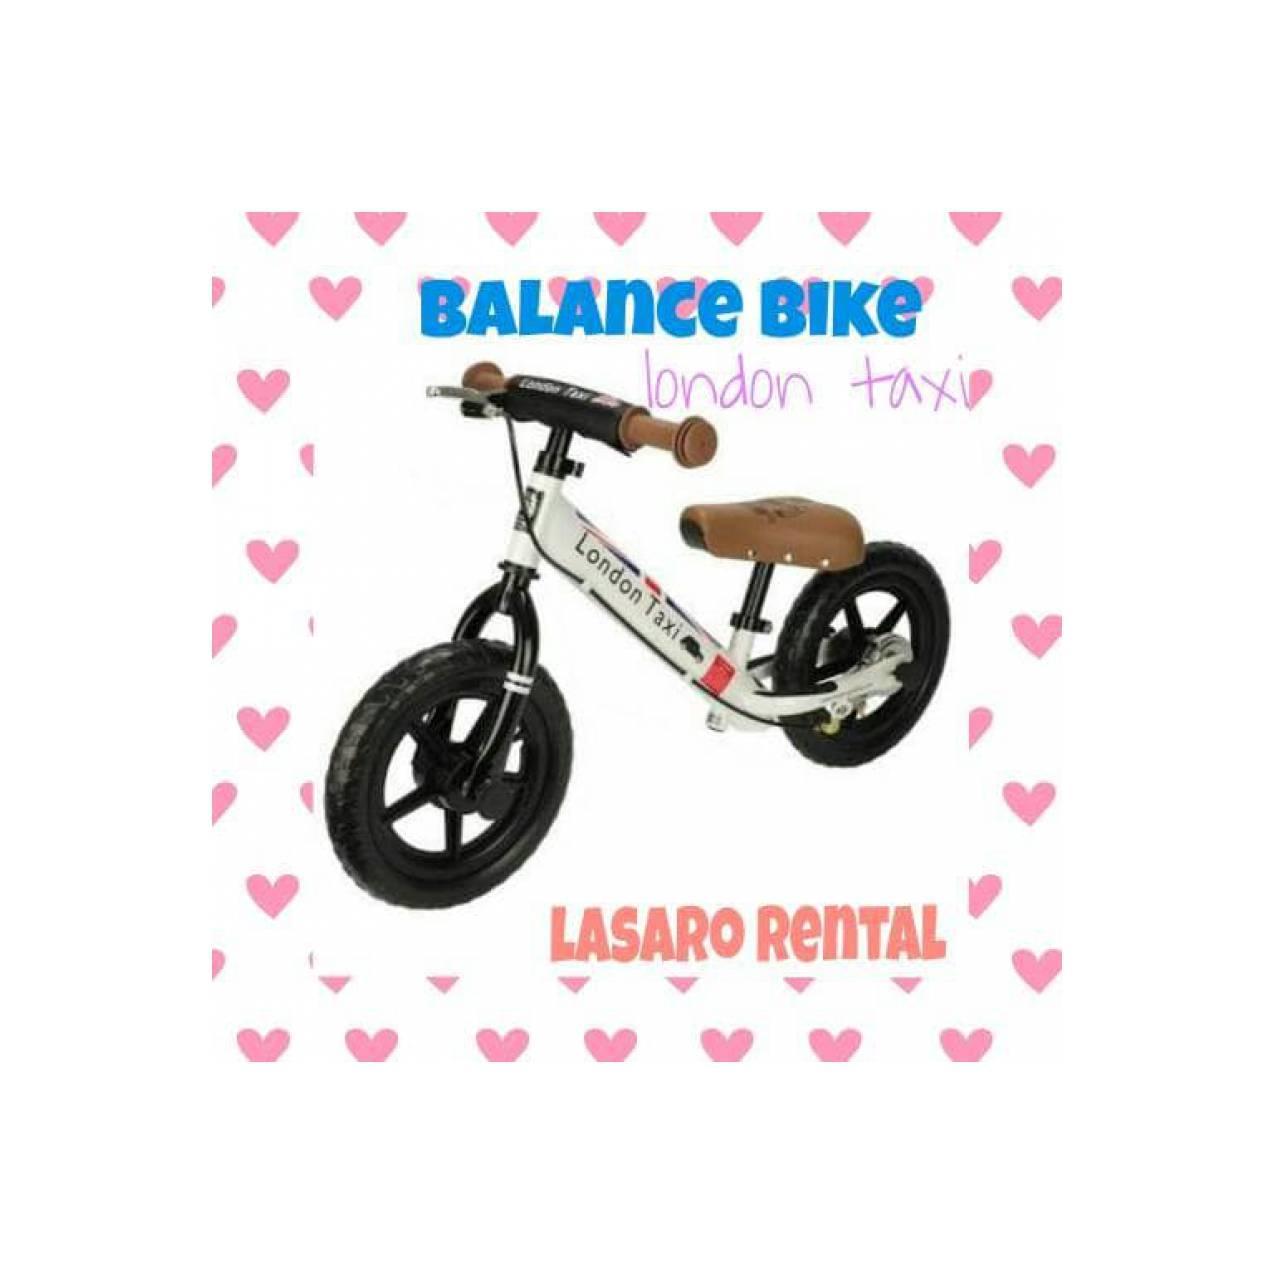 sewa balance bike london taxi